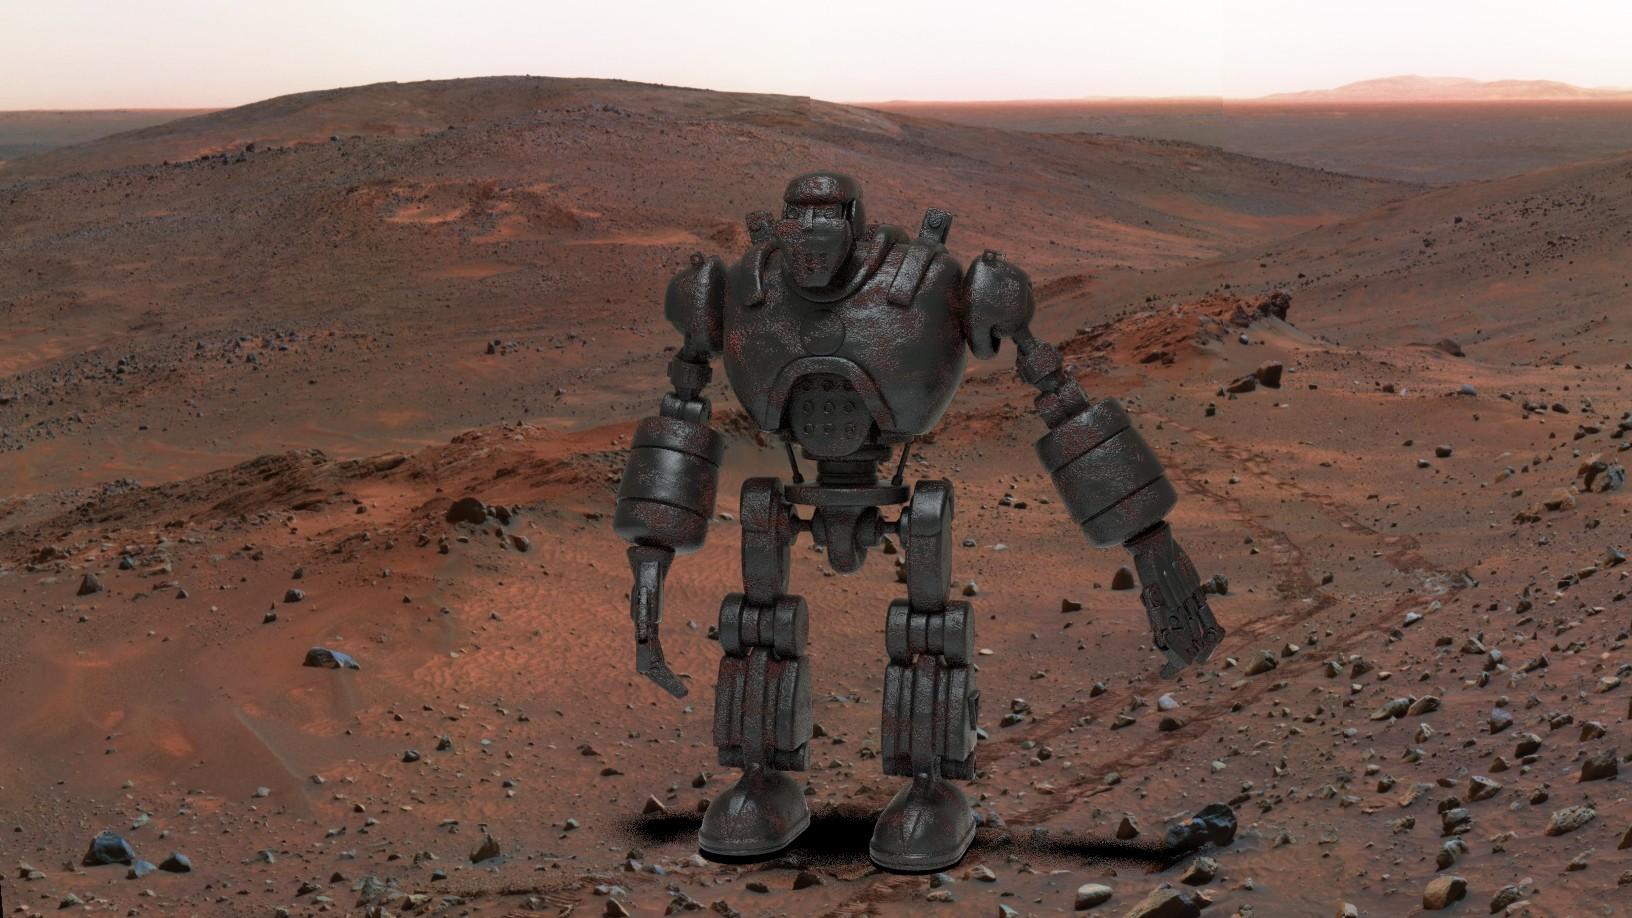 Robot_40-robot_40_cycles_nodos.jpg